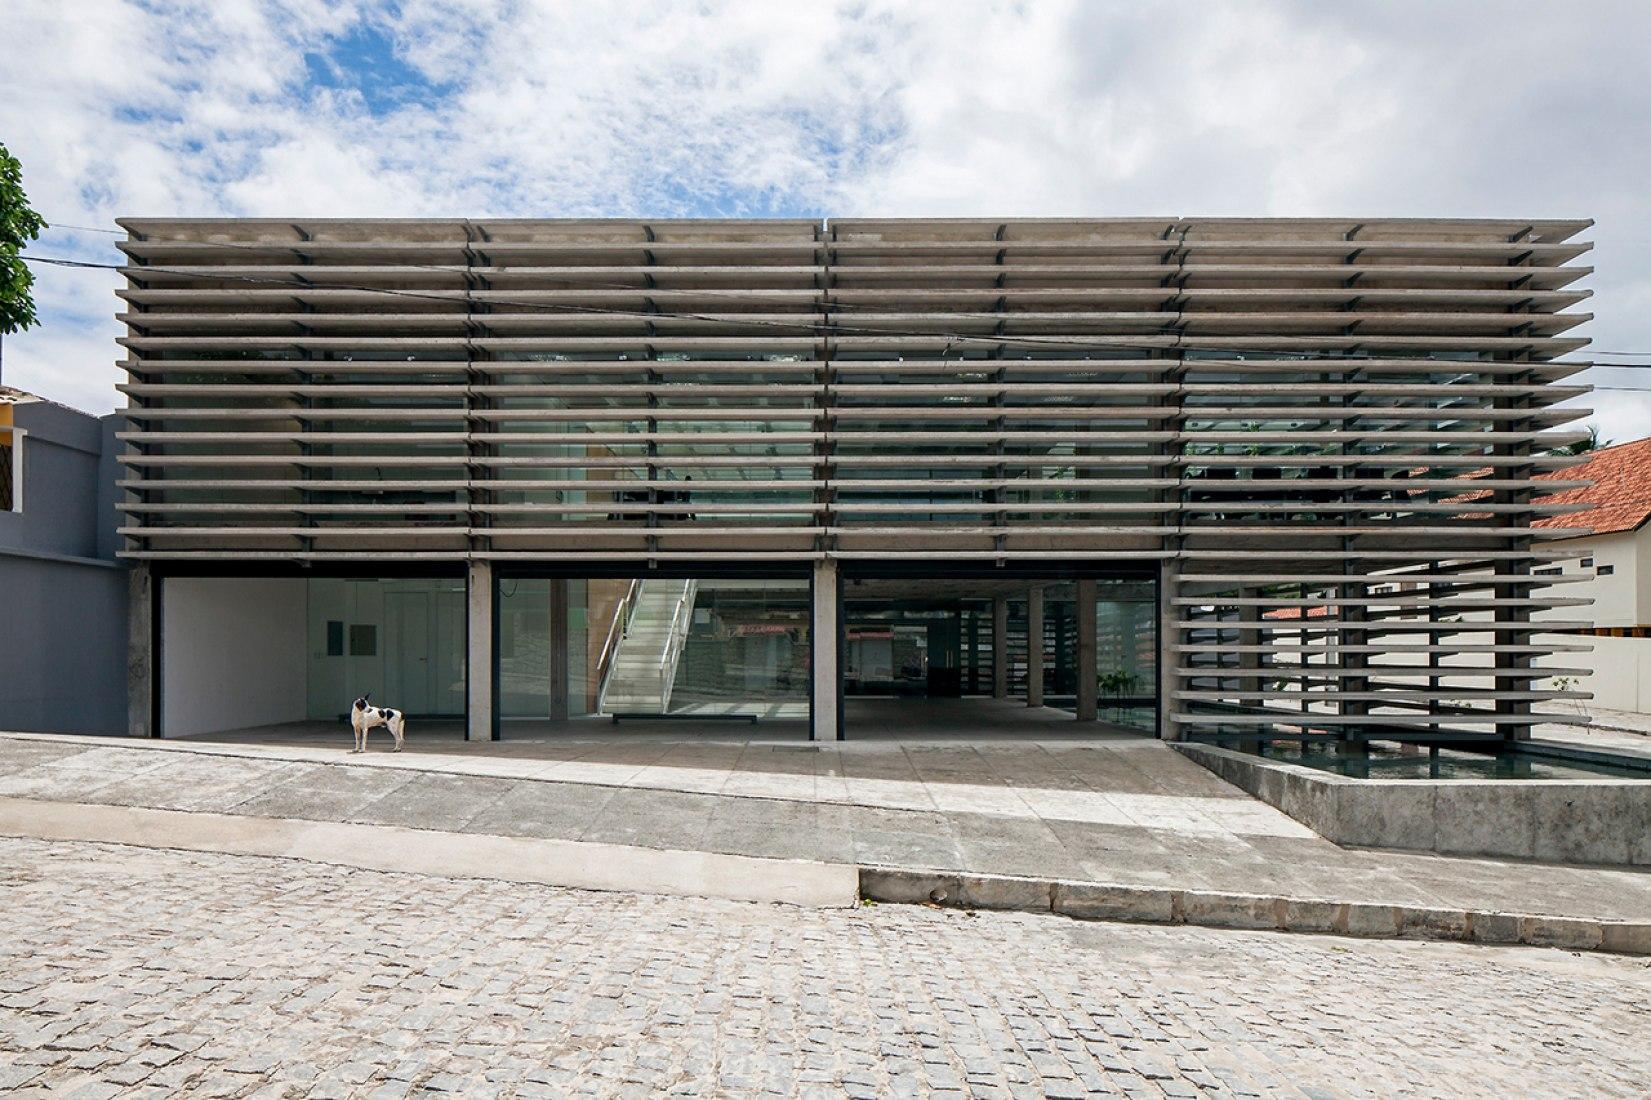 CREA-PB Headquarters by MAPA. Photography © Leonardo Finotti.